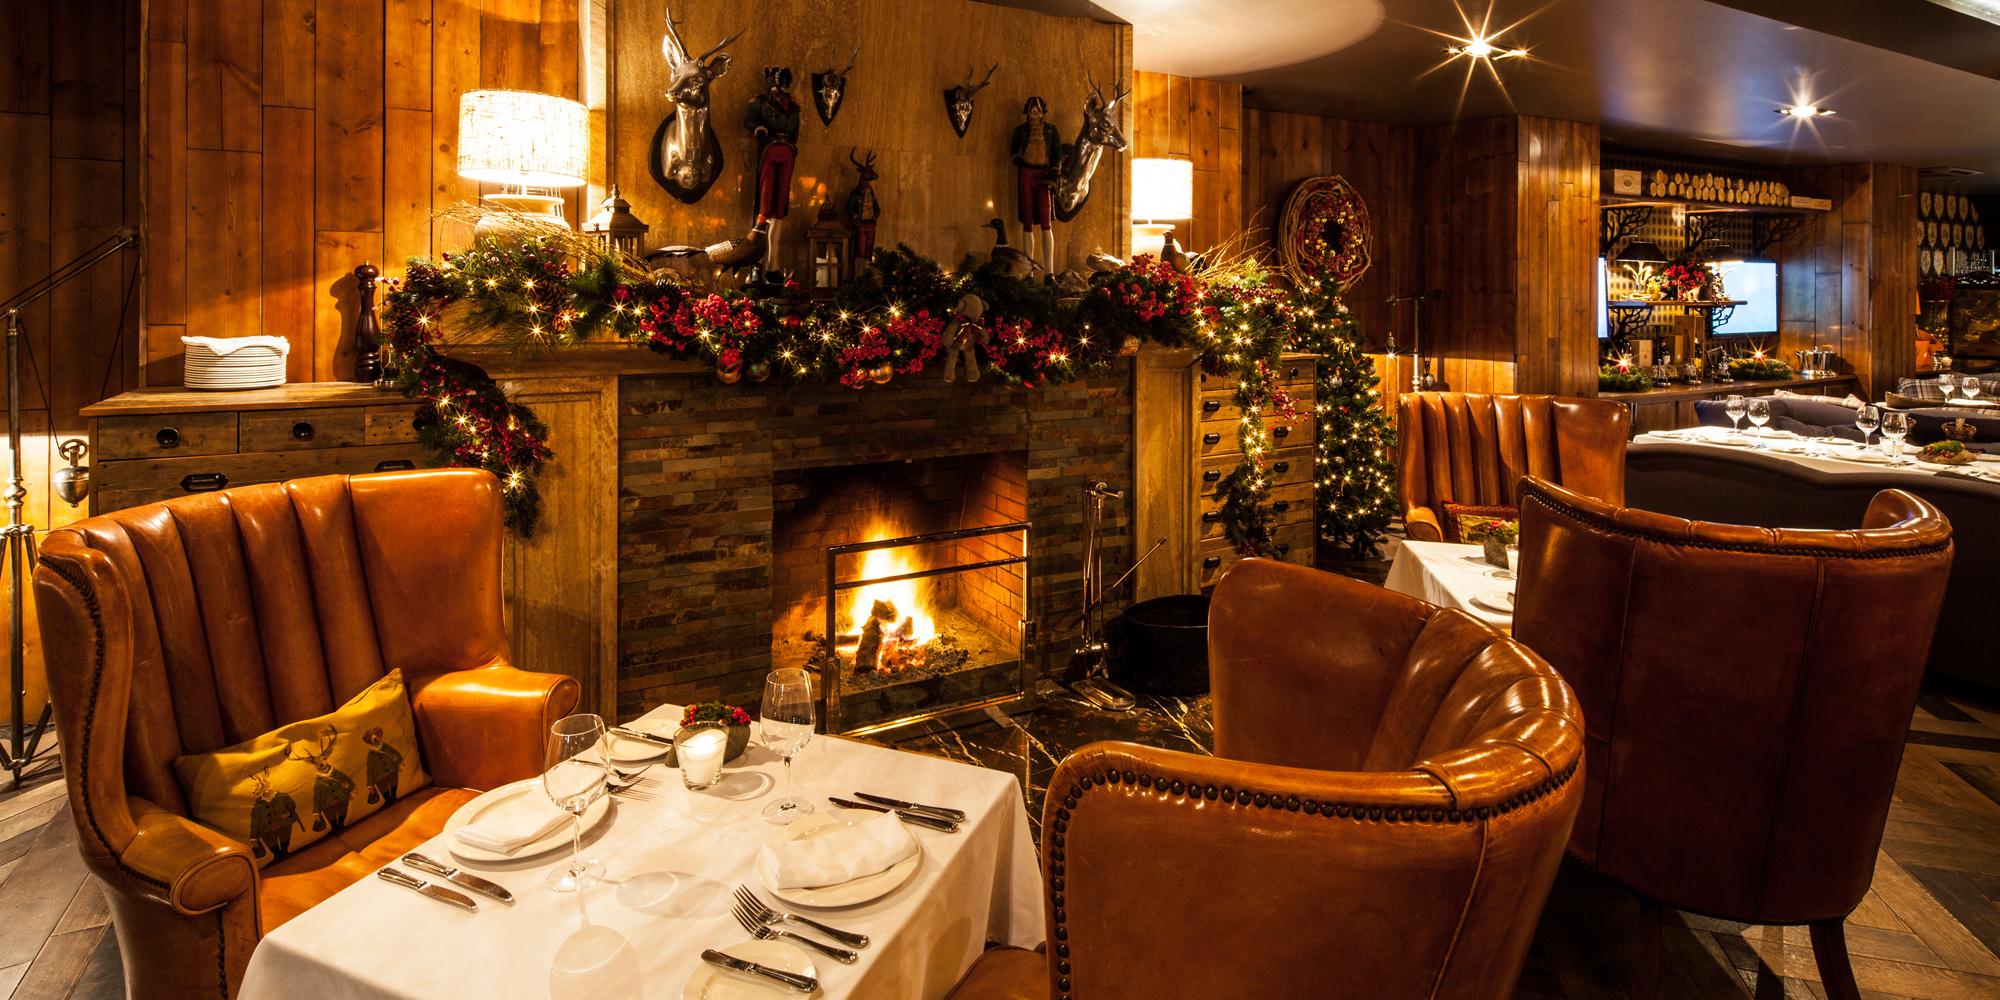 رستوران روباه قرمز منطقه کوهستانی سوچی